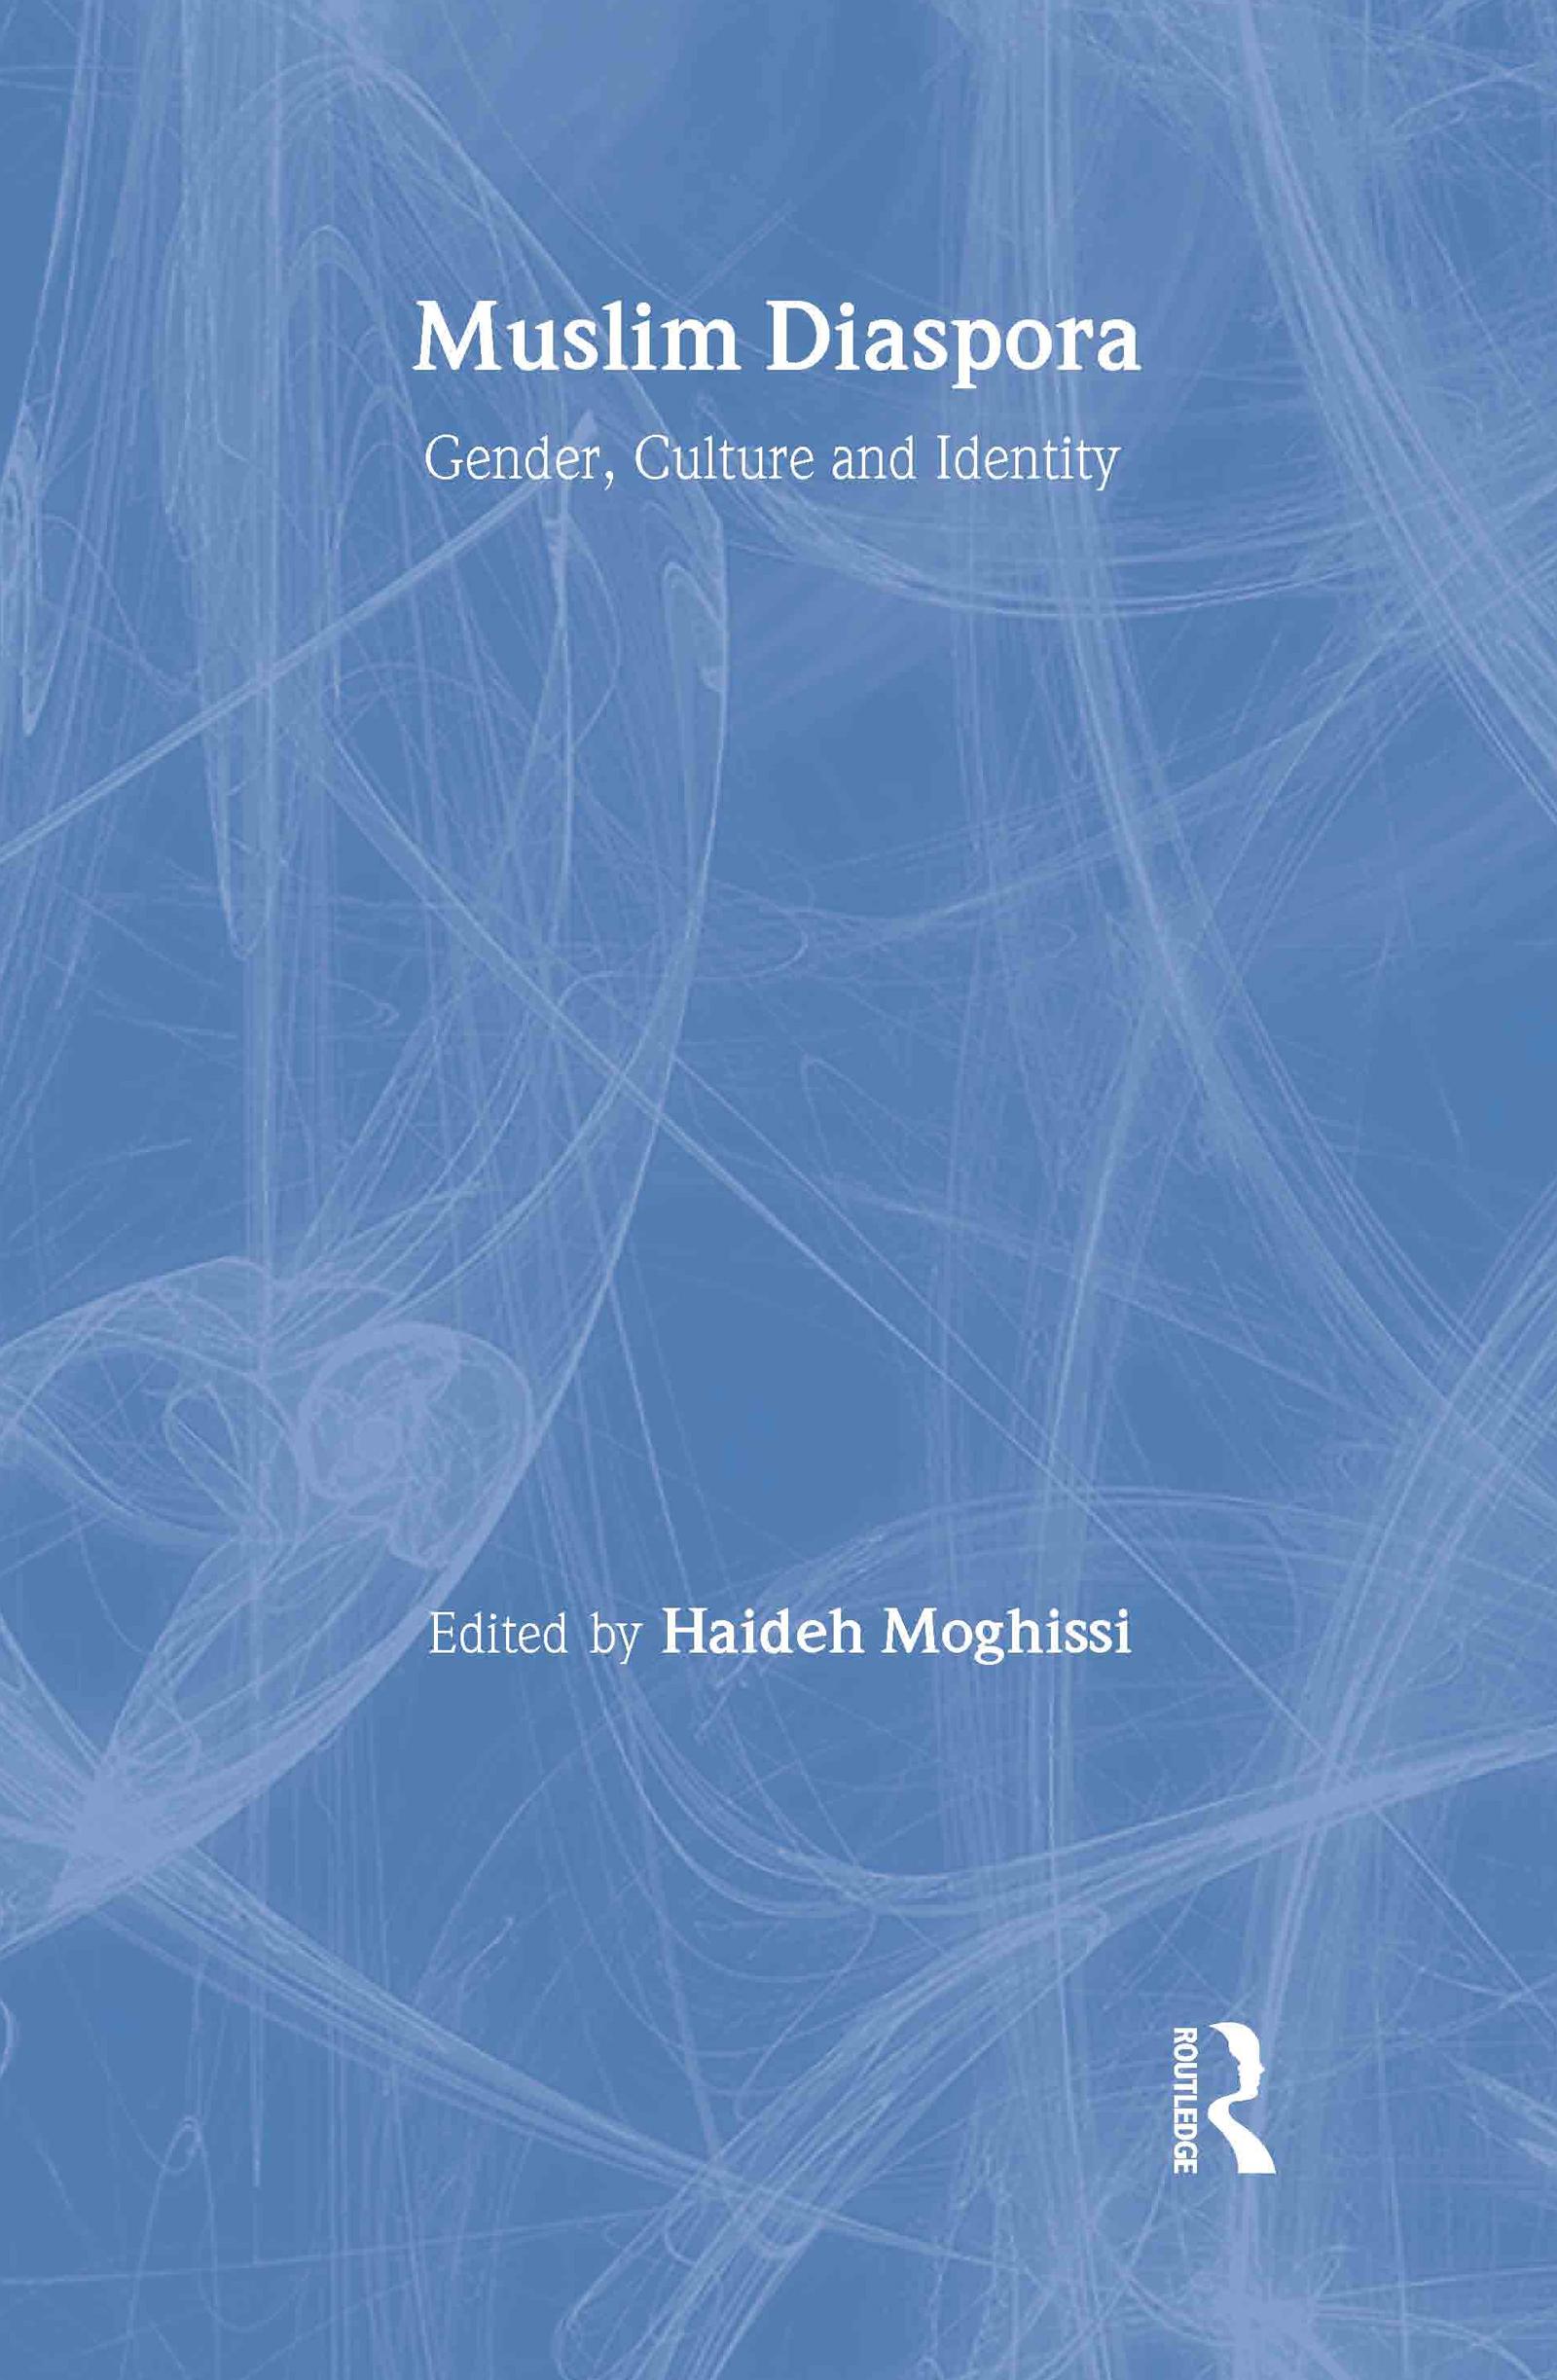 Muslim Diaspora: Gender, Culture and Identity book cover